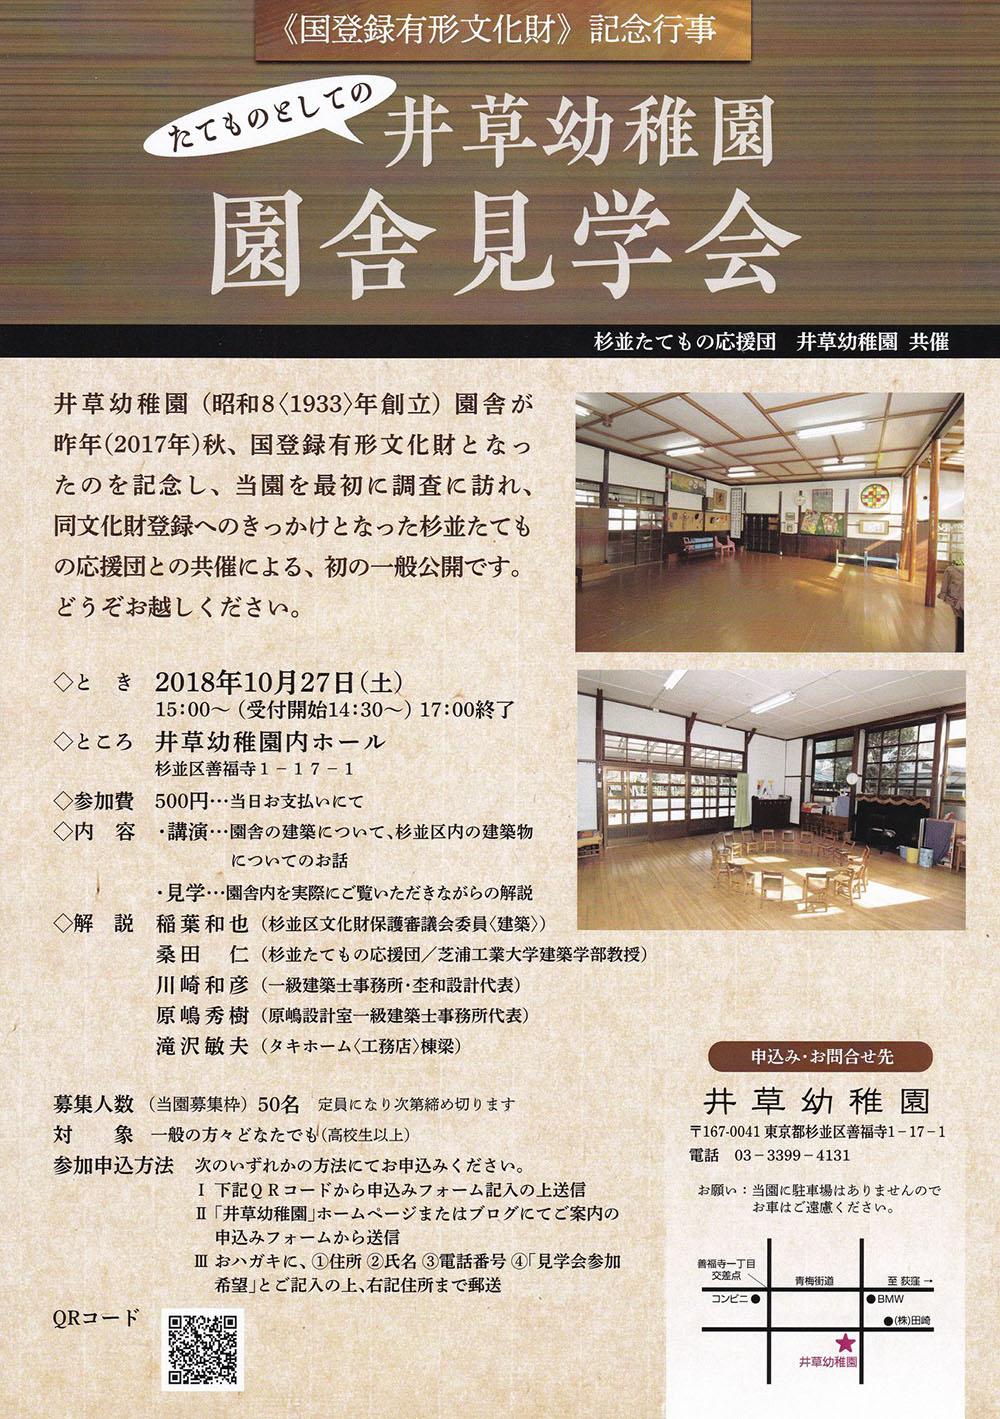 井草幼稚園 園舎見学会